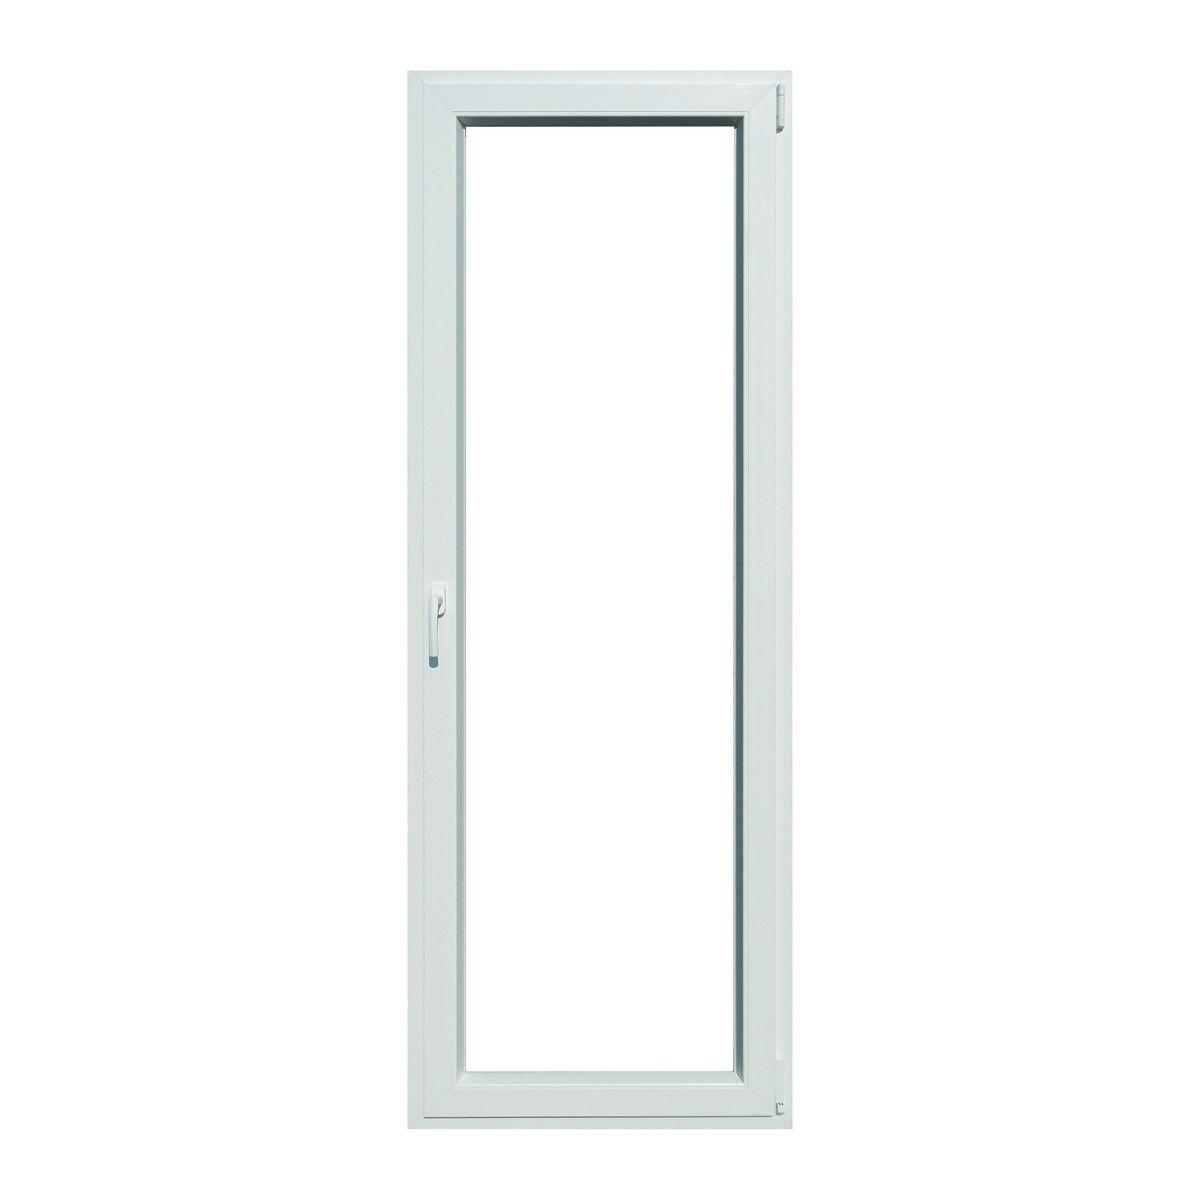 Porte in pvc per esterni prezzi with porte in pvc per esterni prezzi fabulous tende di - Leroy merlin finestre pvc ...